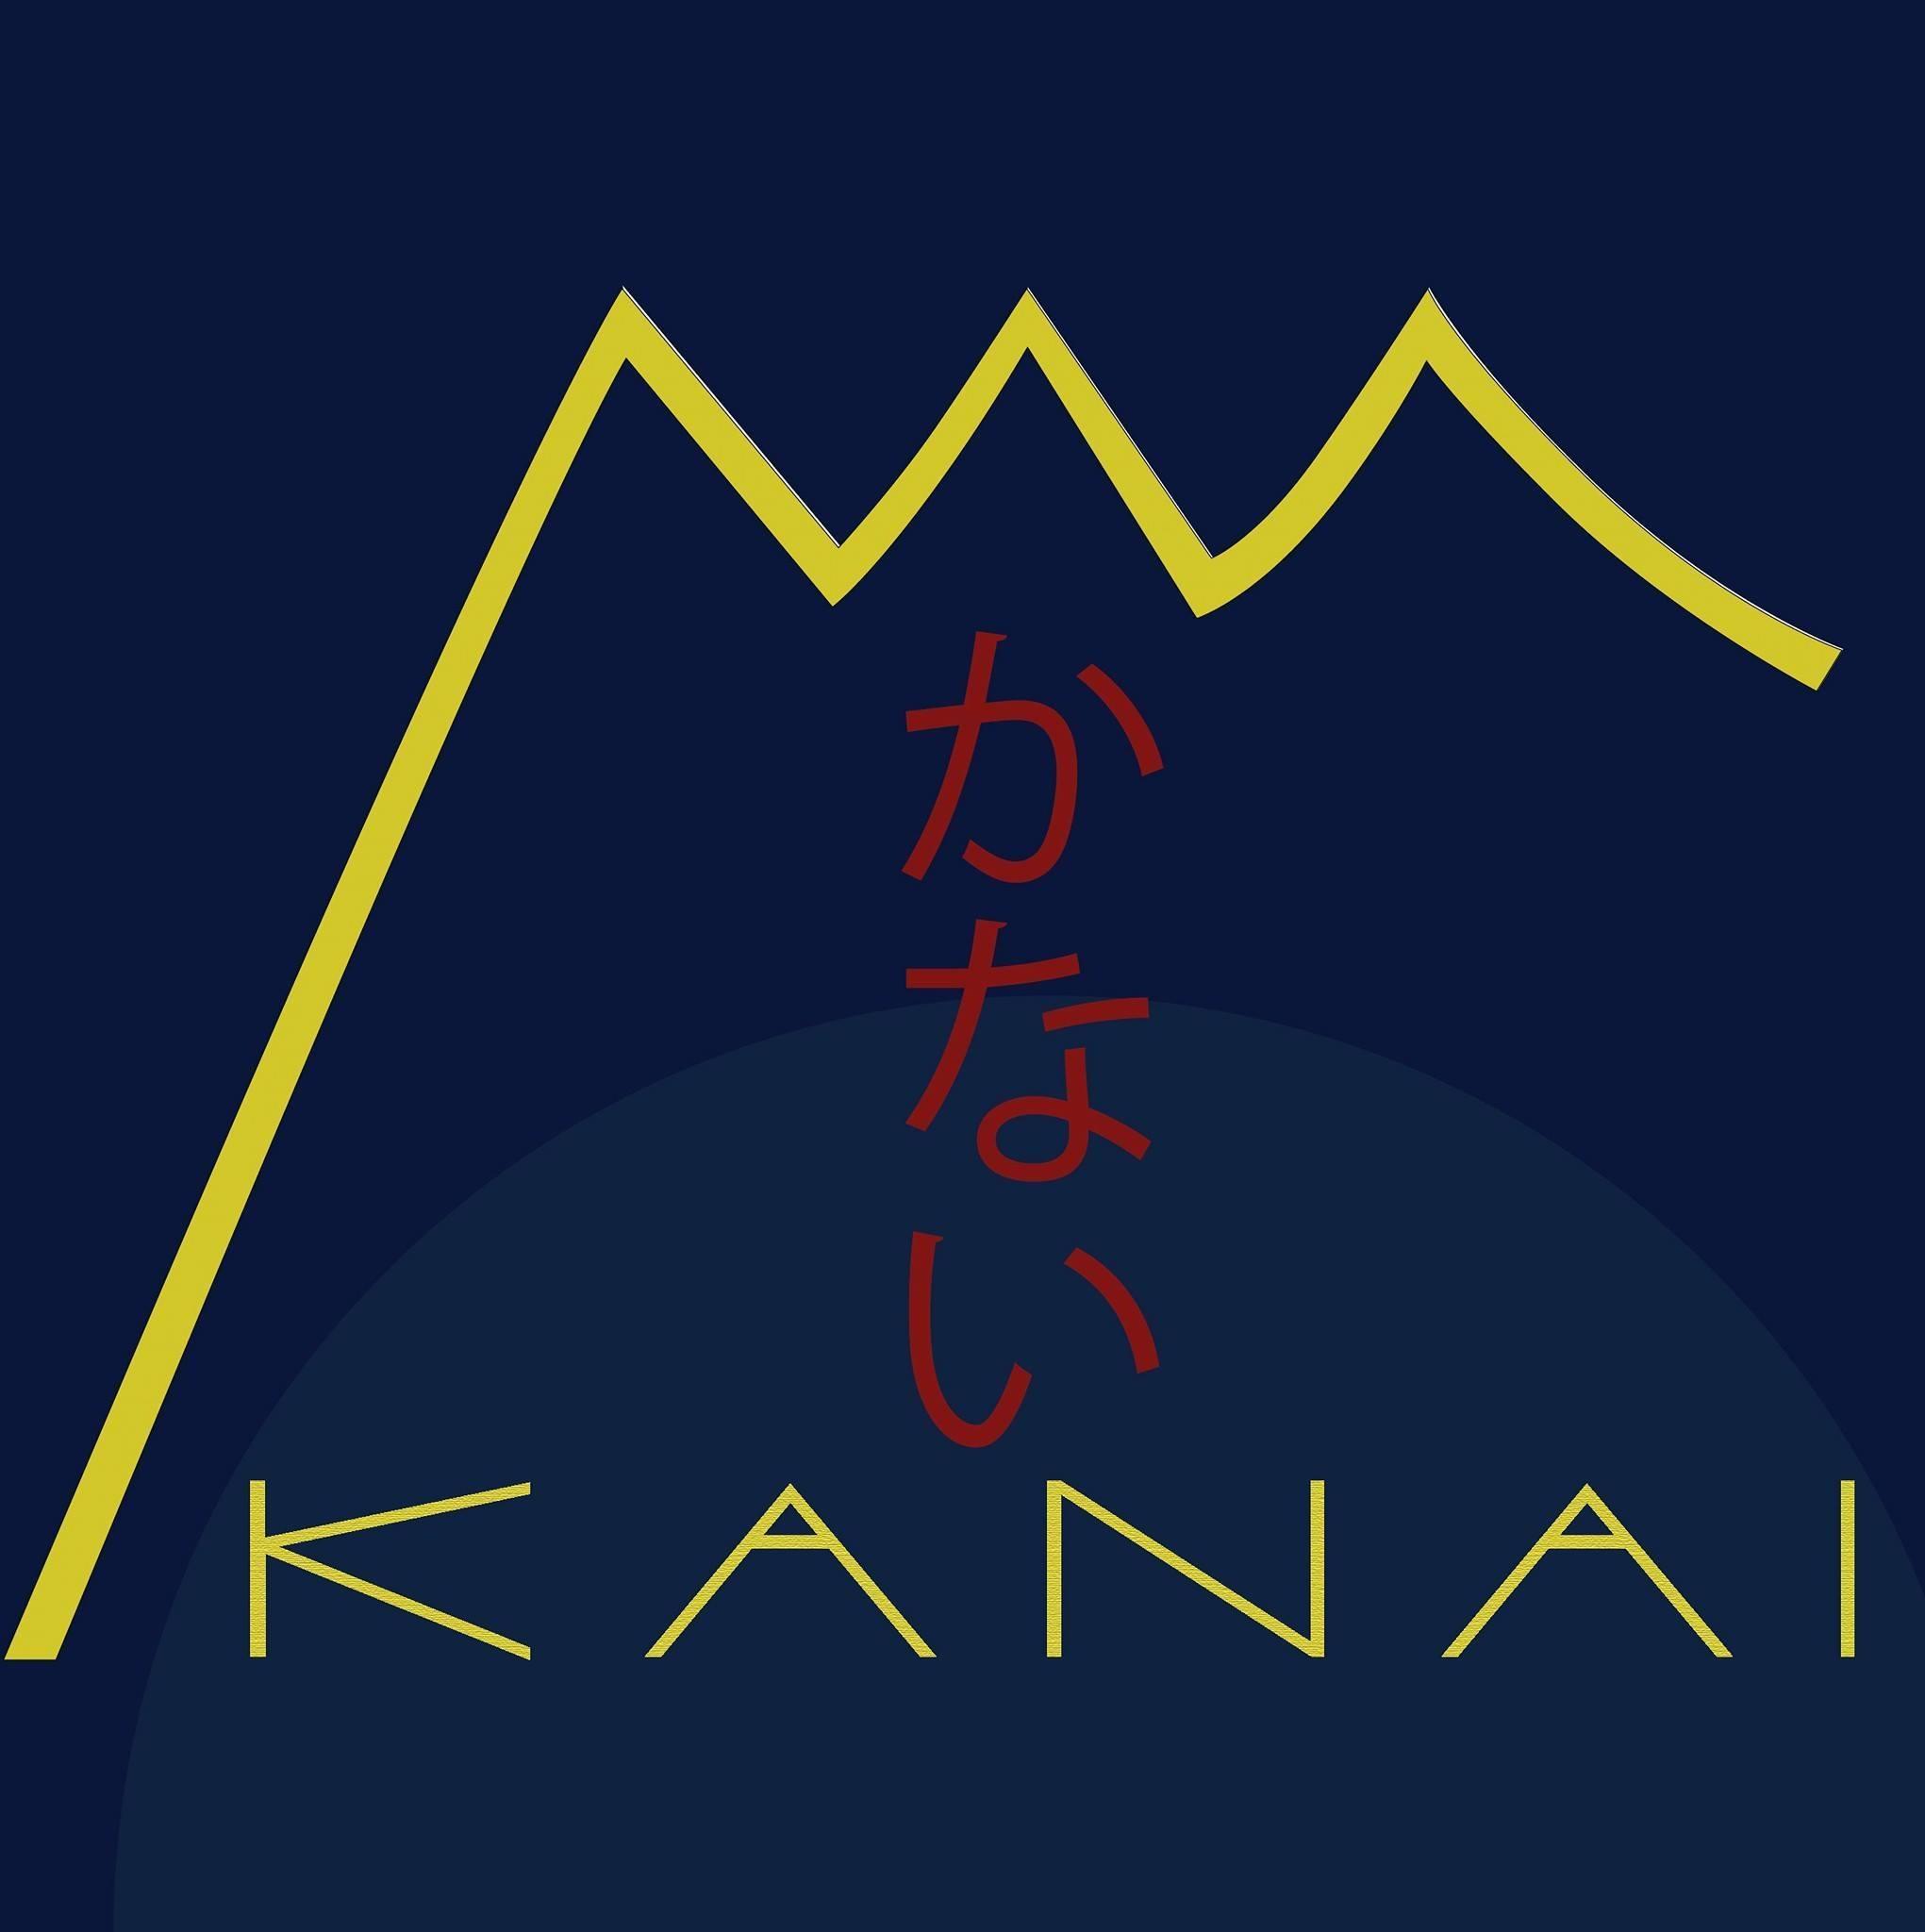 Kanai restaurant located in WICHITA, KS